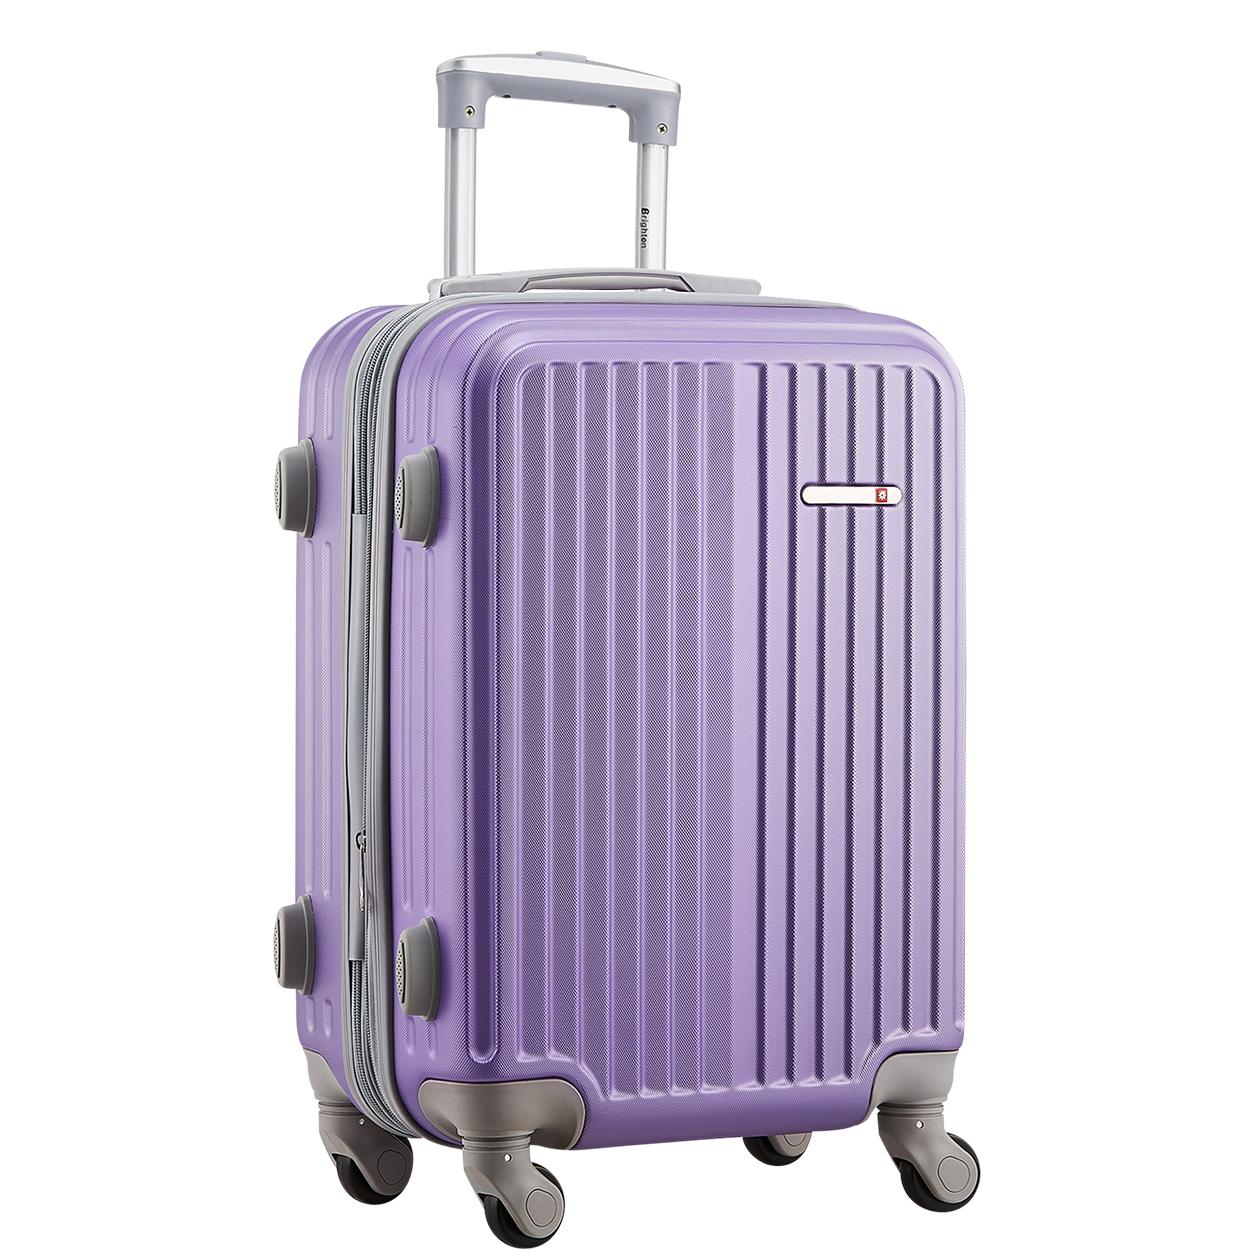 브라이튼 루카스 20인치 기내용 여행용캐리어 여행가방